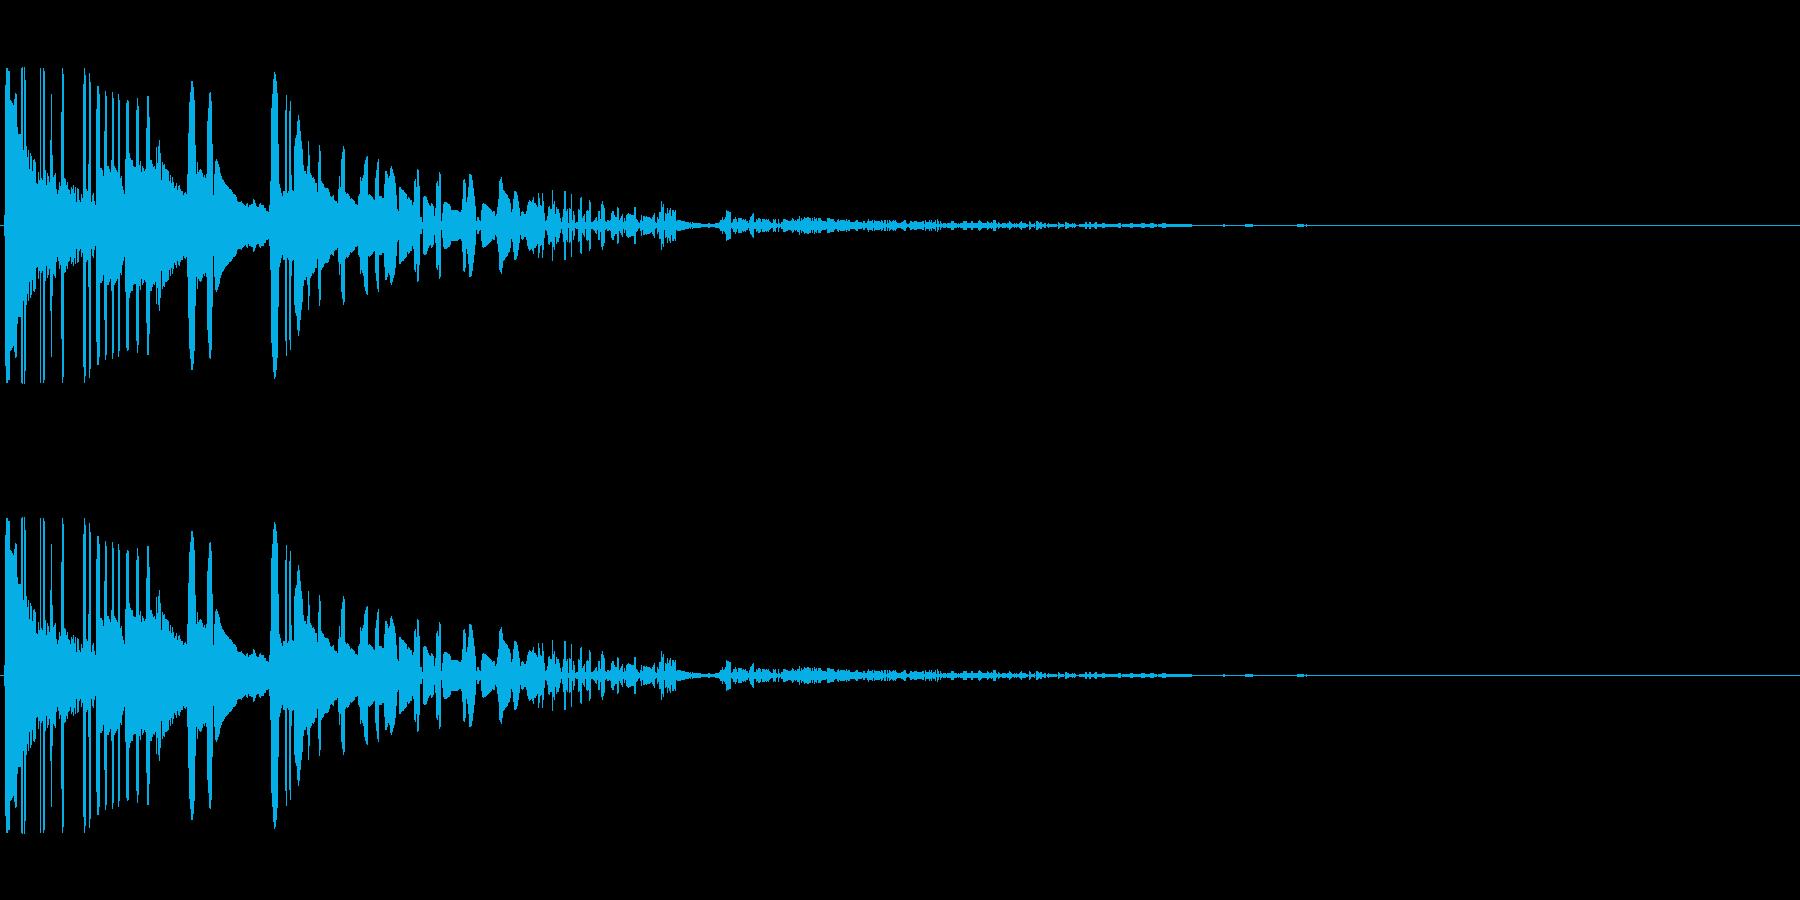 ドサッ(落下や倒れる衝撃音)03の再生済みの波形